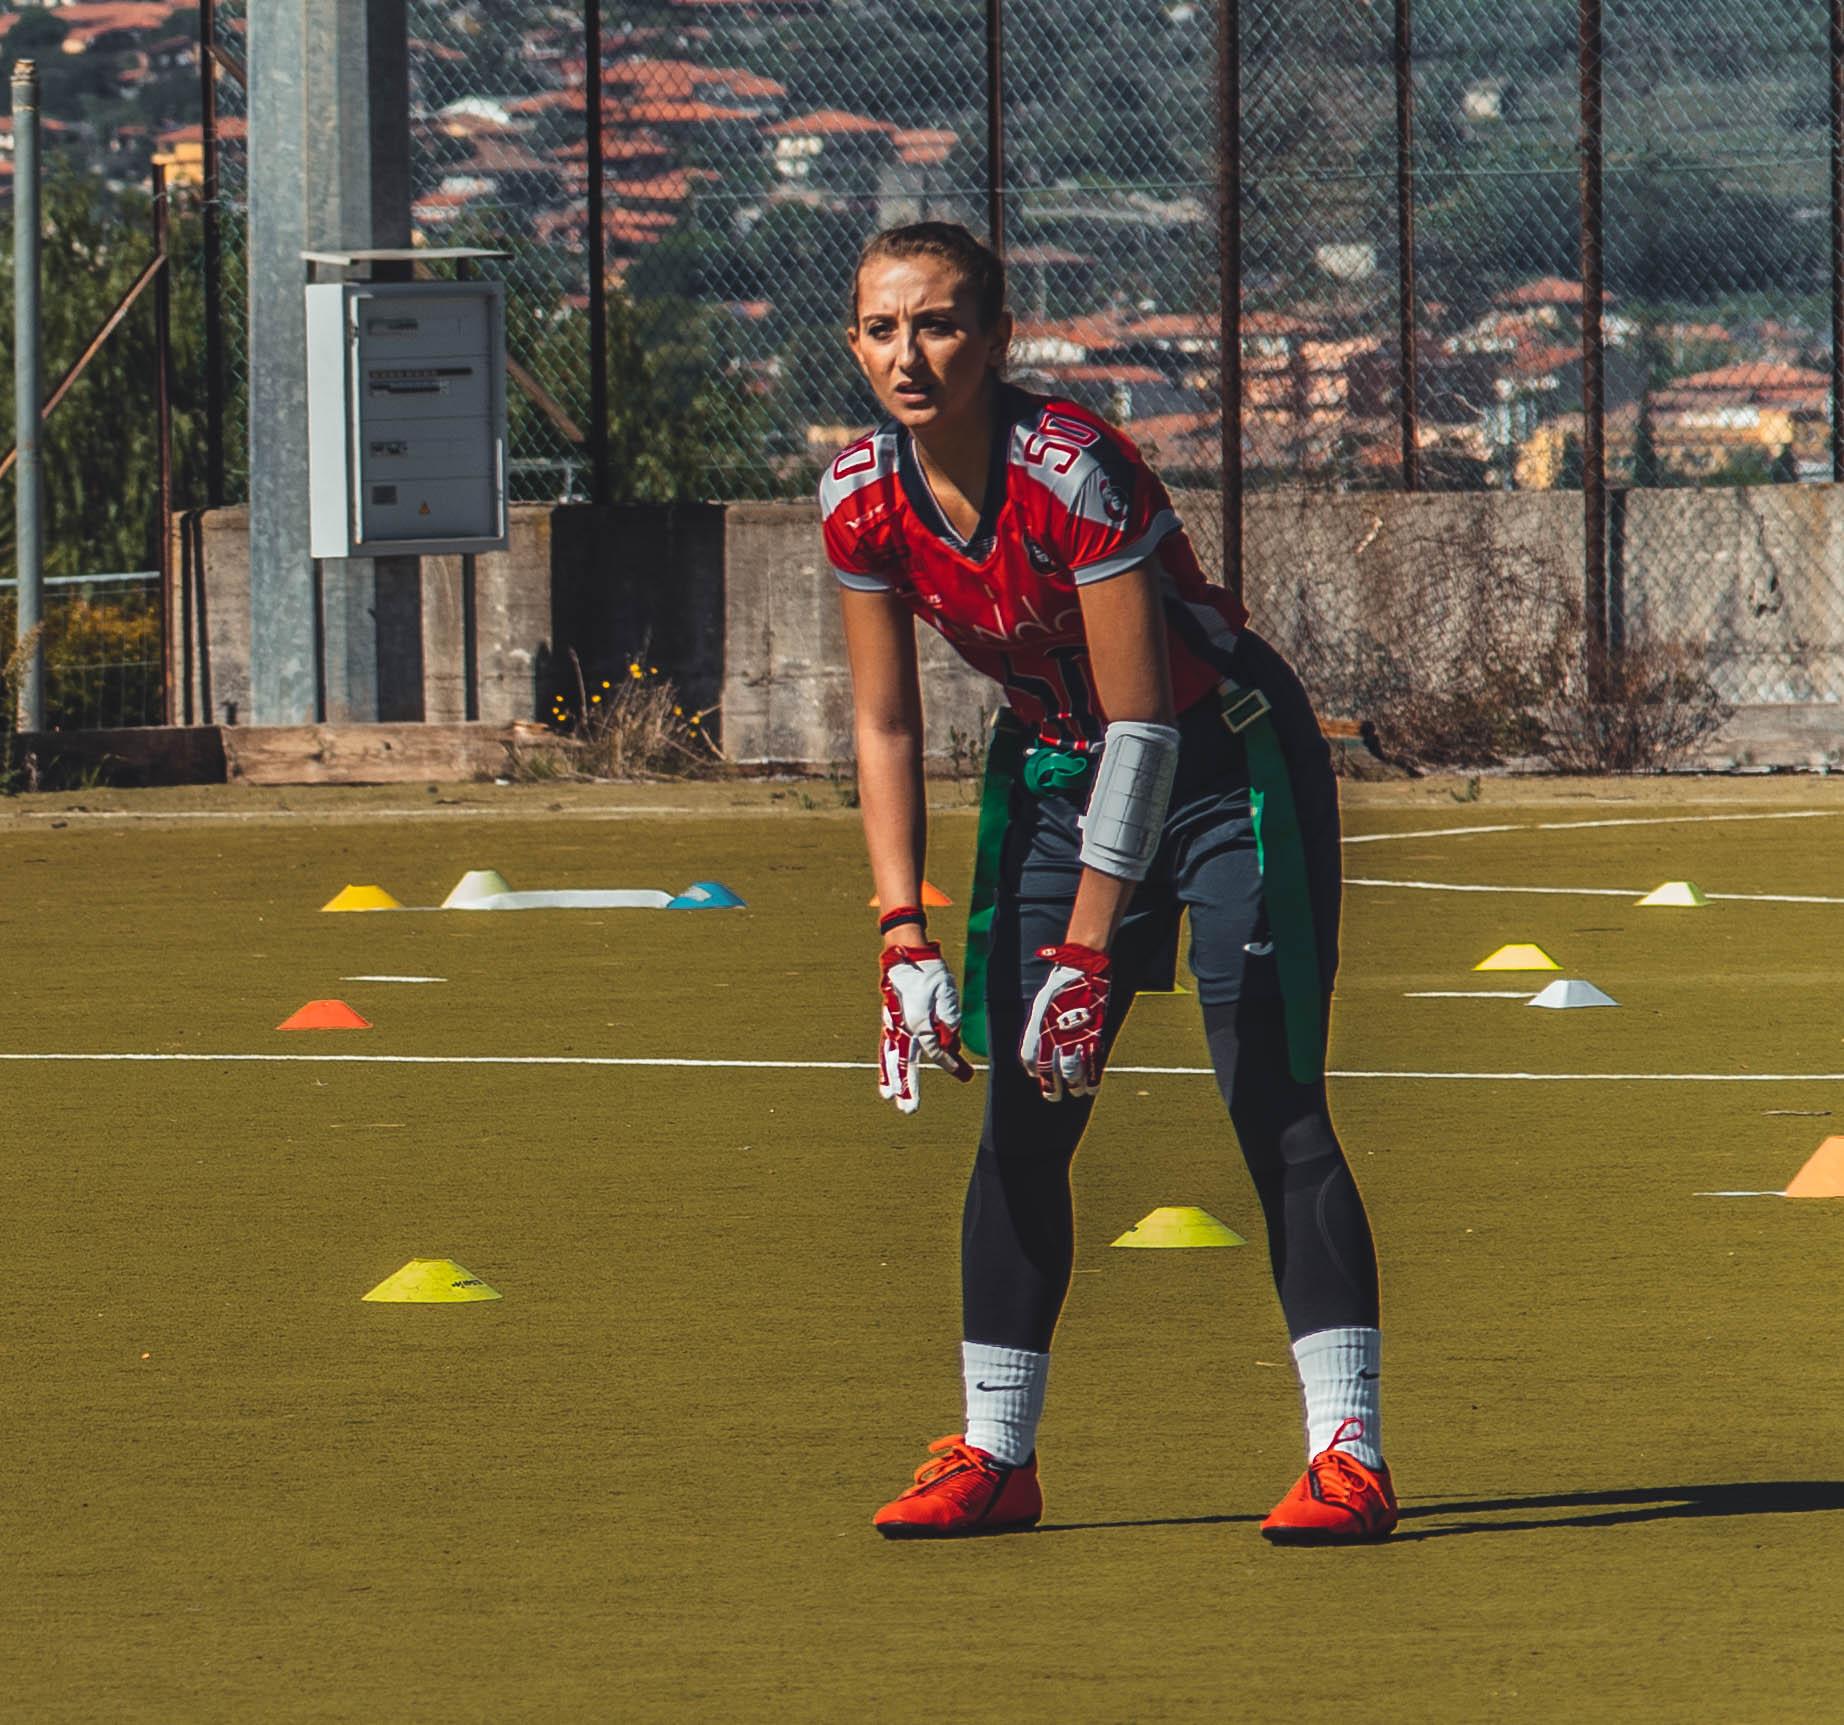 Sabrina Loiacono